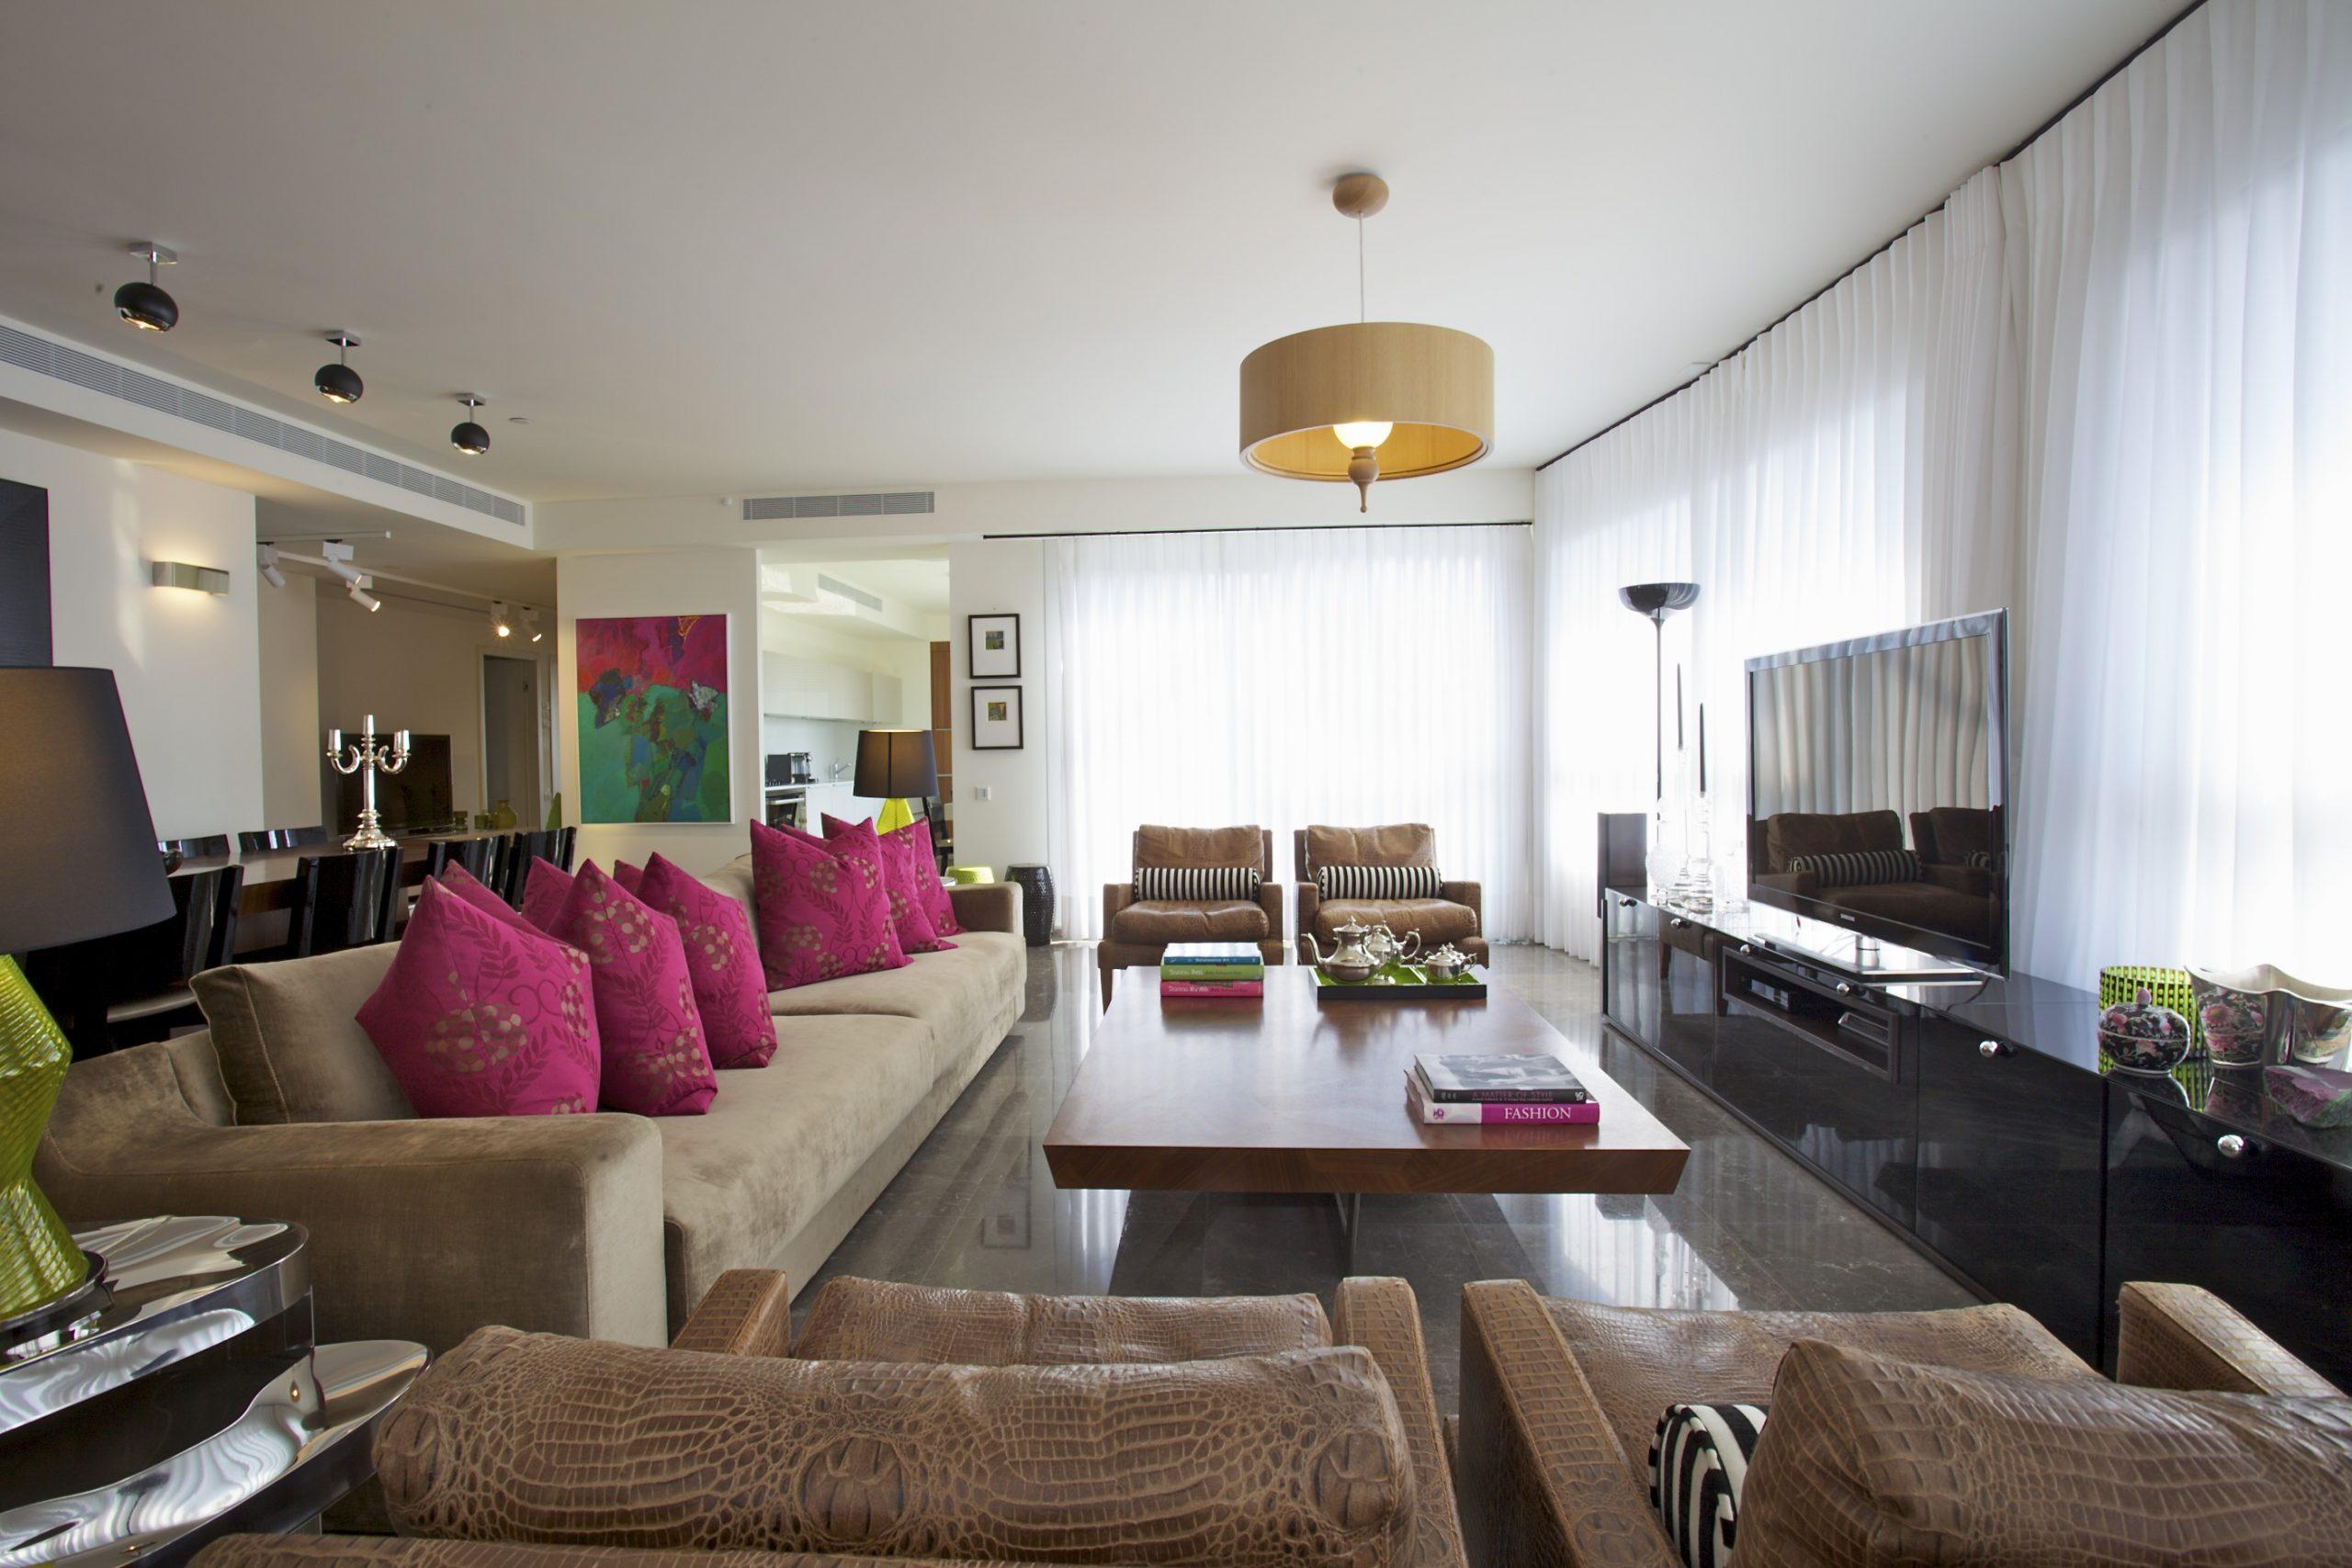 דירה במגדל YOO – חדר מגורים, מראה כללי